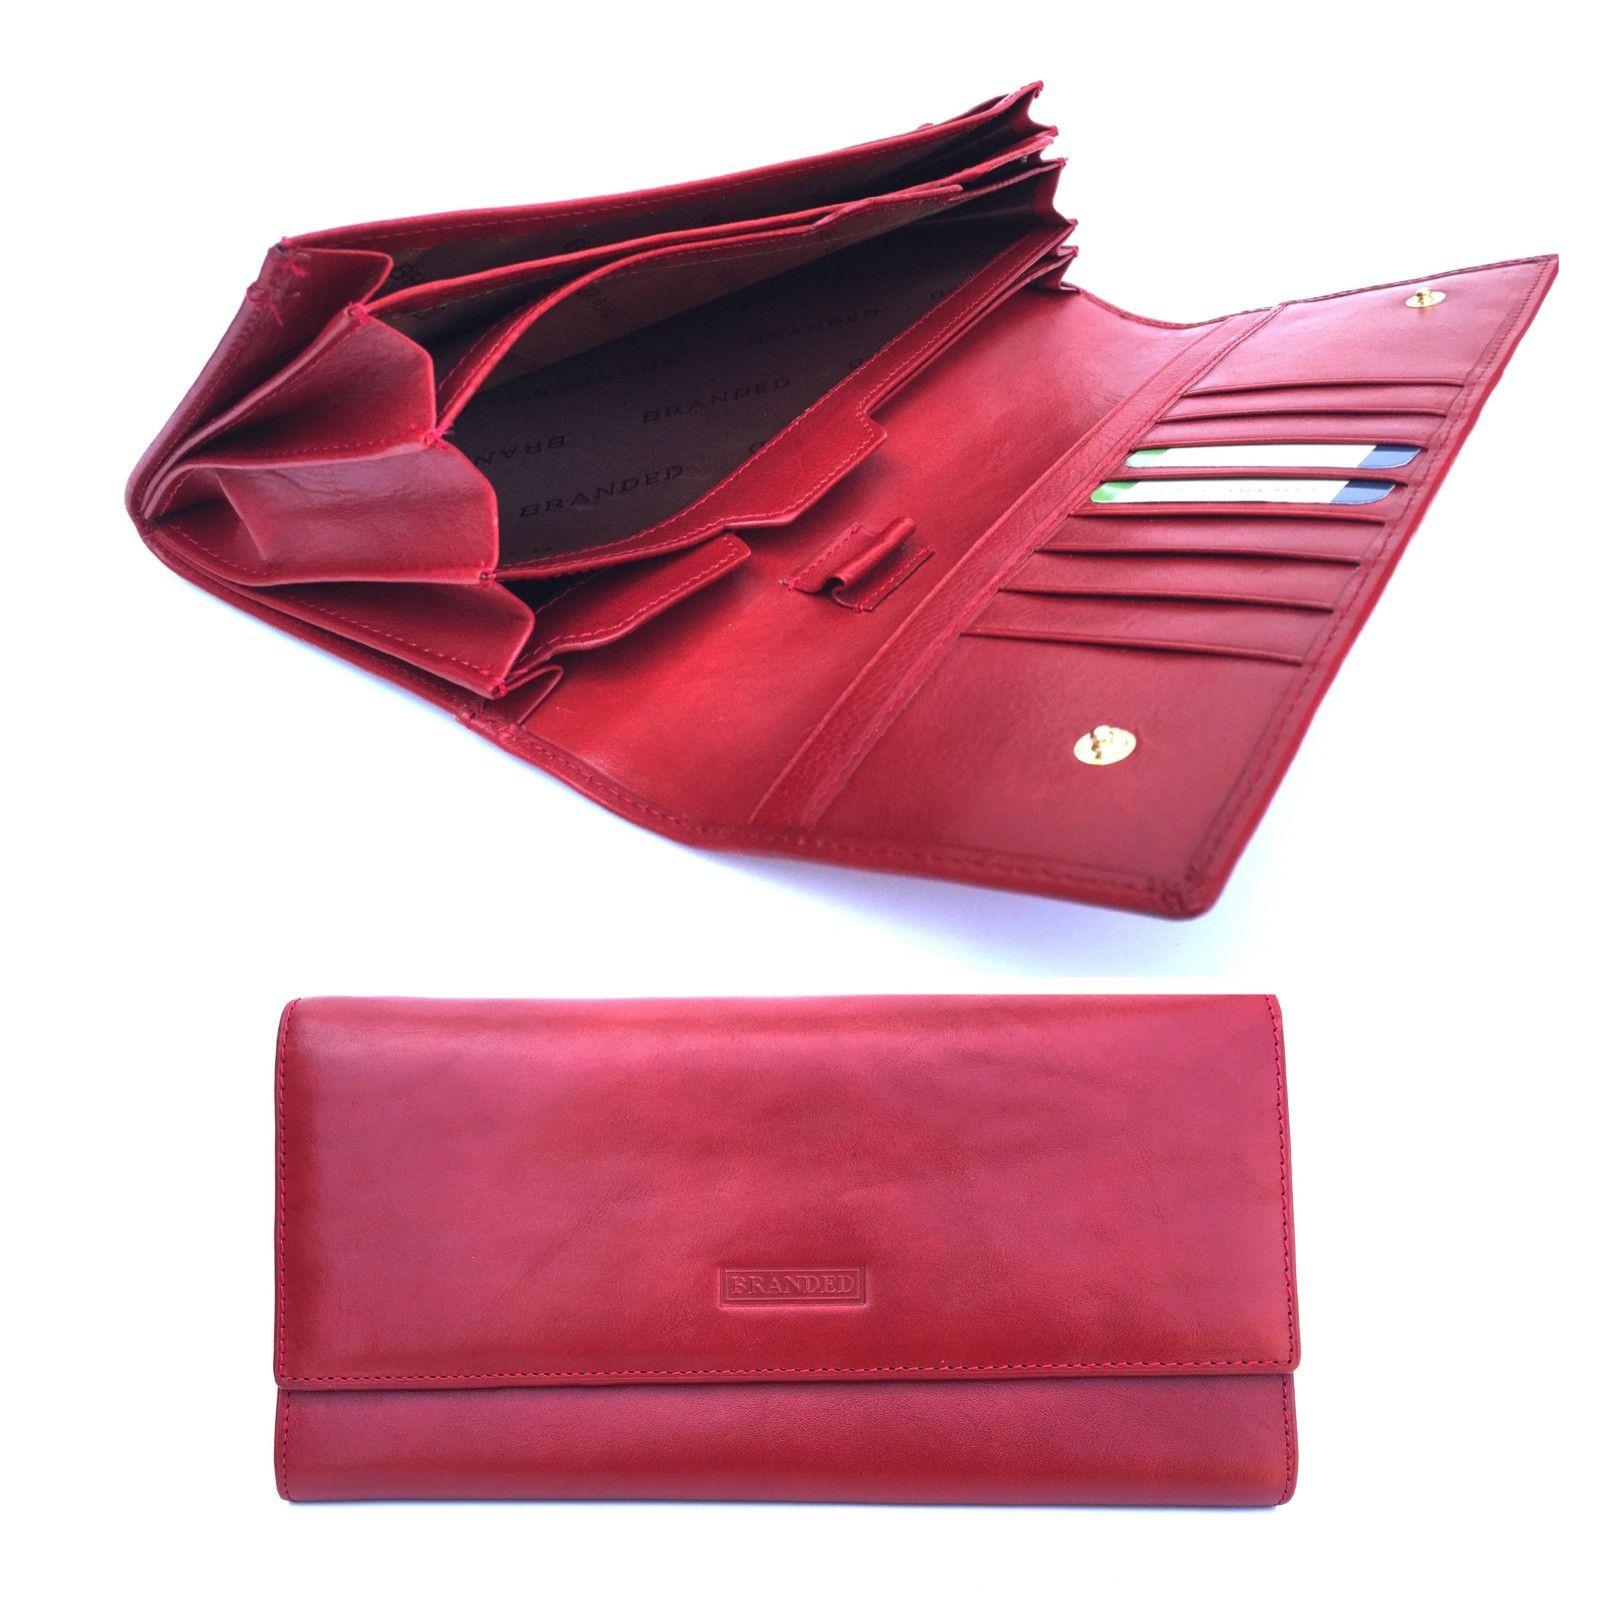 Golunski SR 918 Luxury Leather Travel Wallet Document,Passport Holder In Red from Baked Apple UK